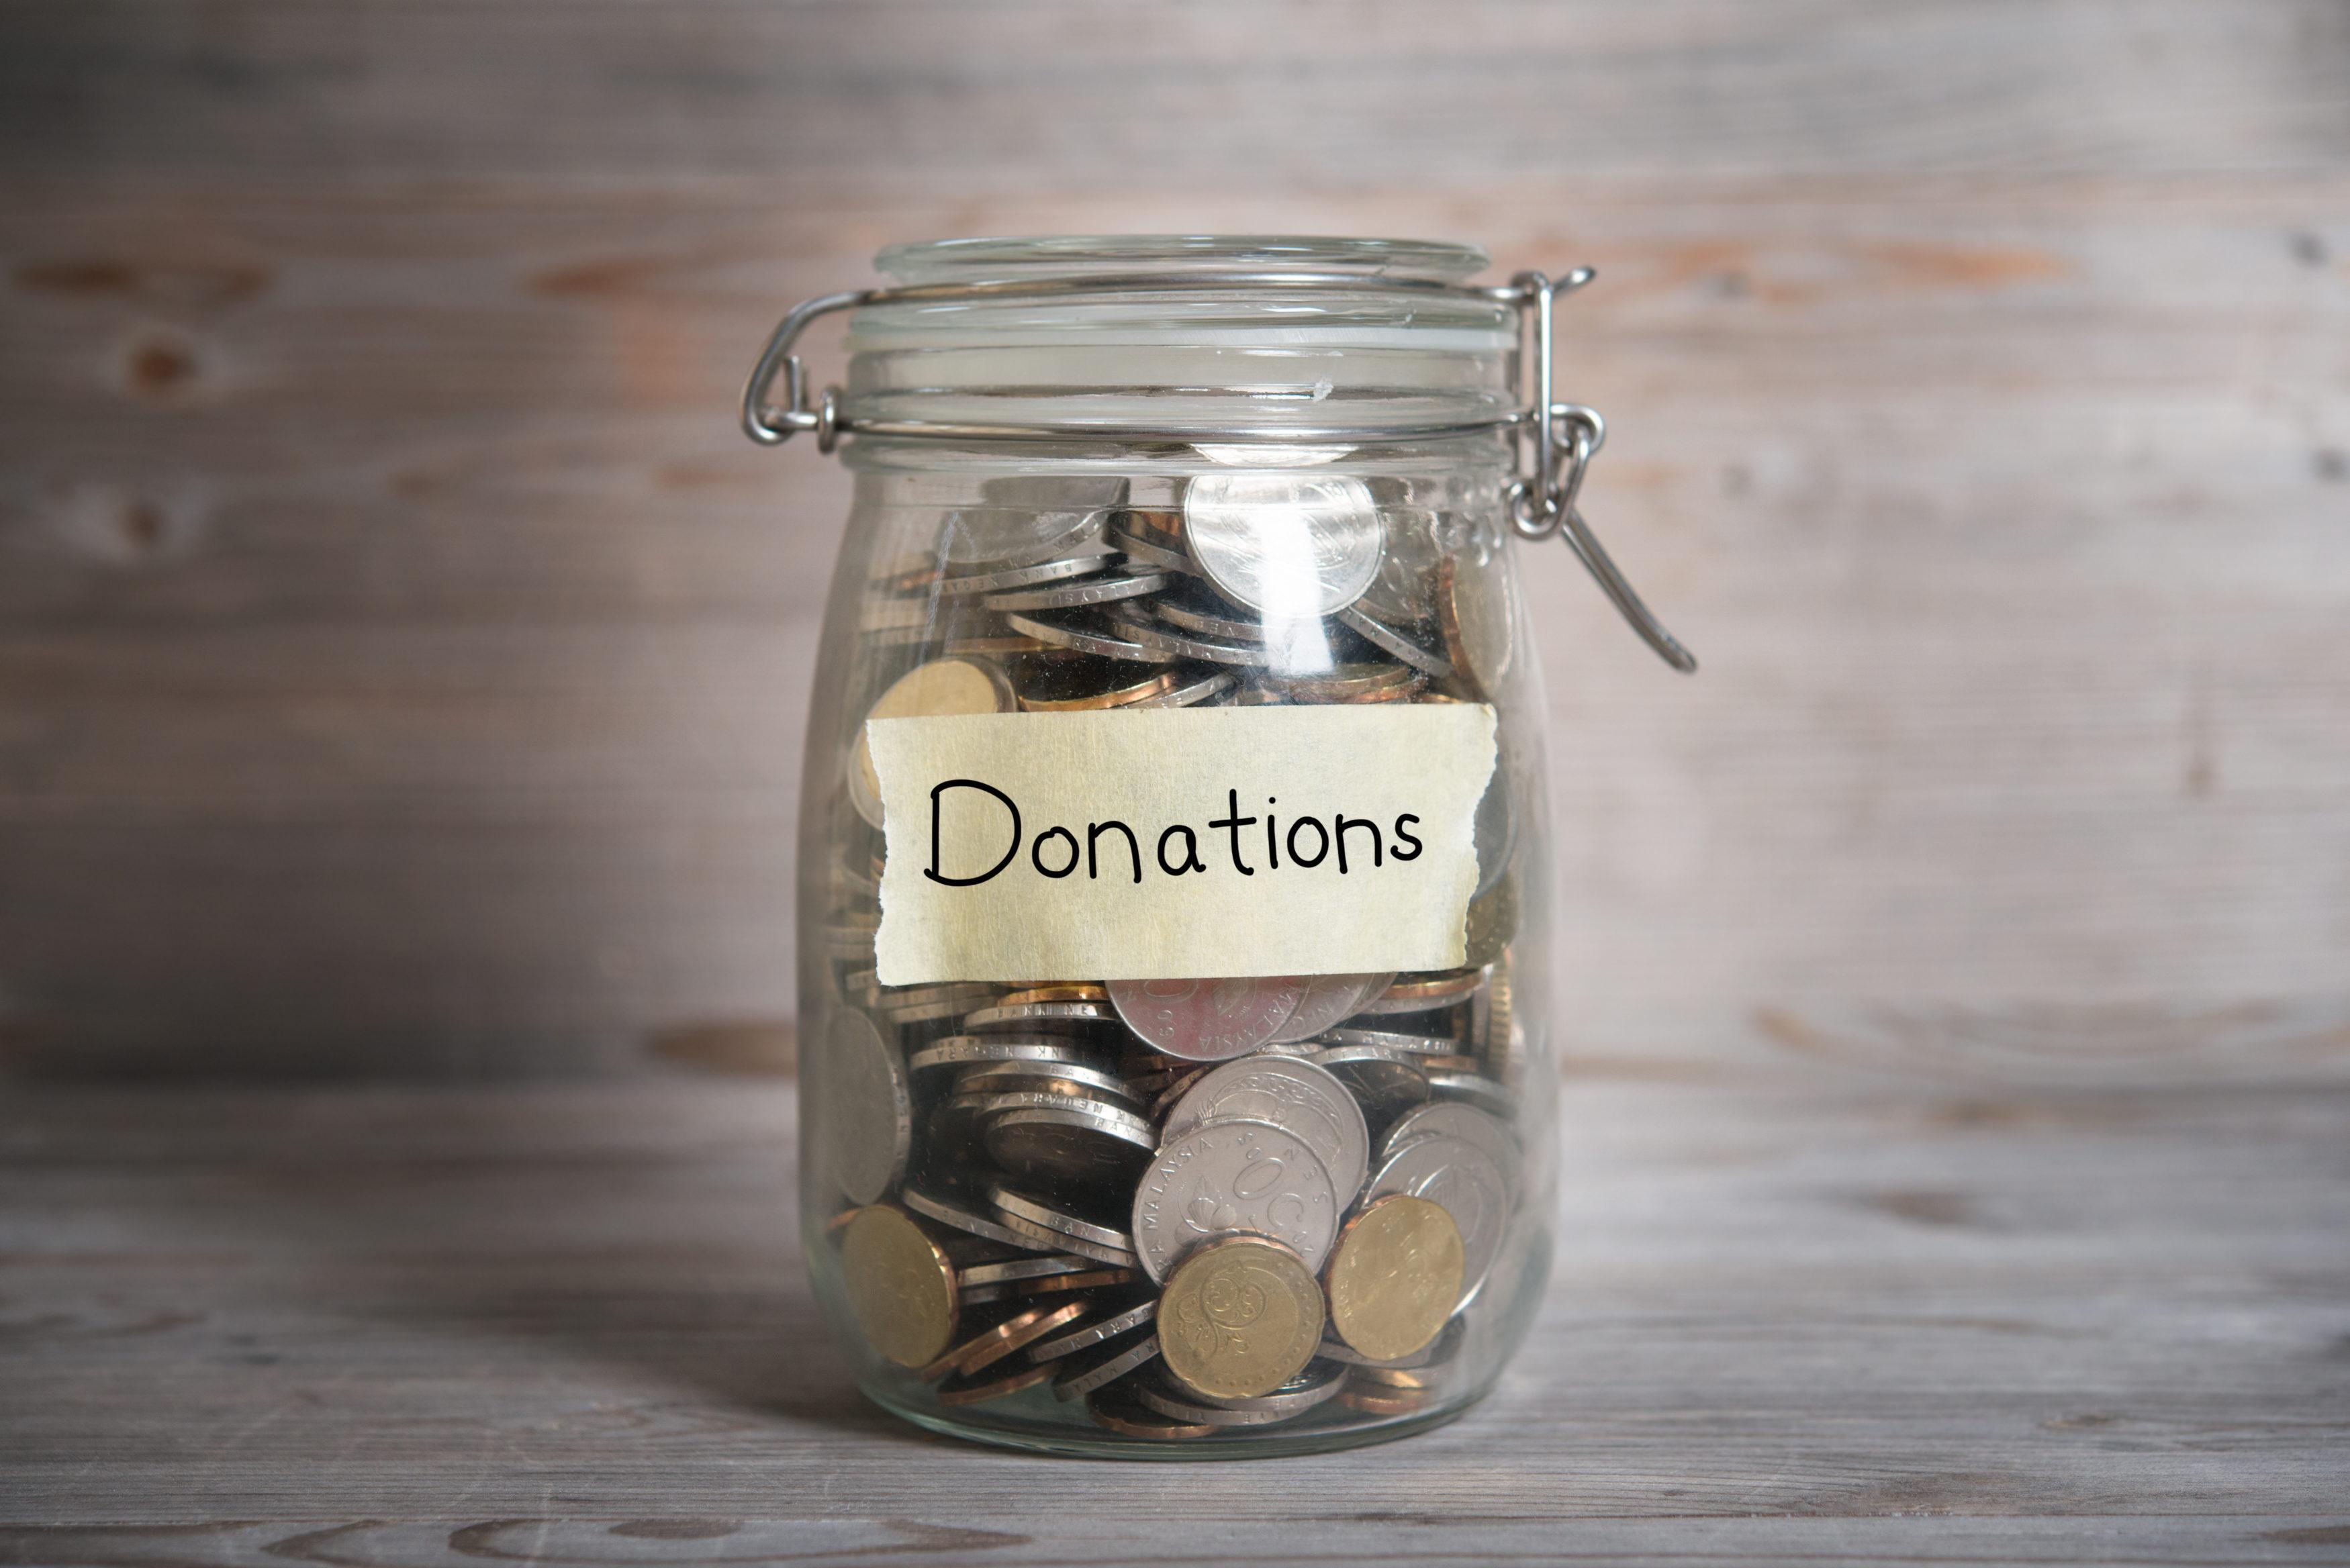 donations-fundraising-florida-politics-3500x2336.jpeg